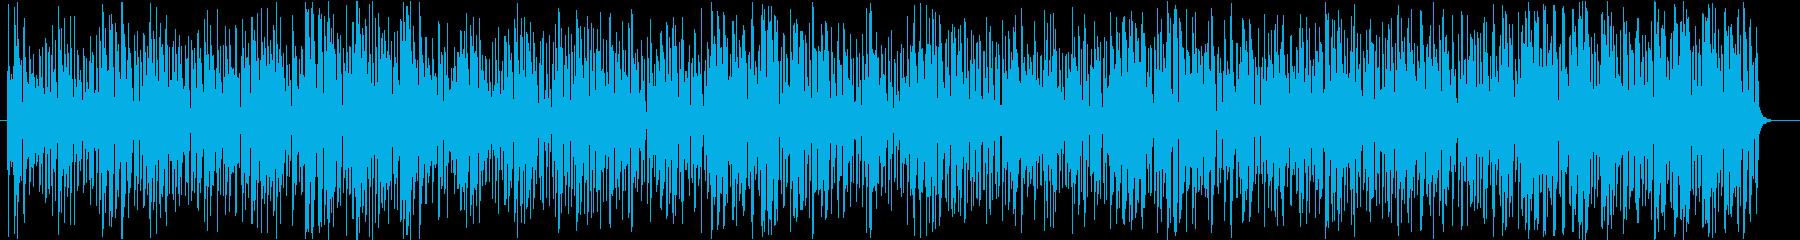 チェイスシーンのジプシージャズ※ドラム無の再生済みの波形